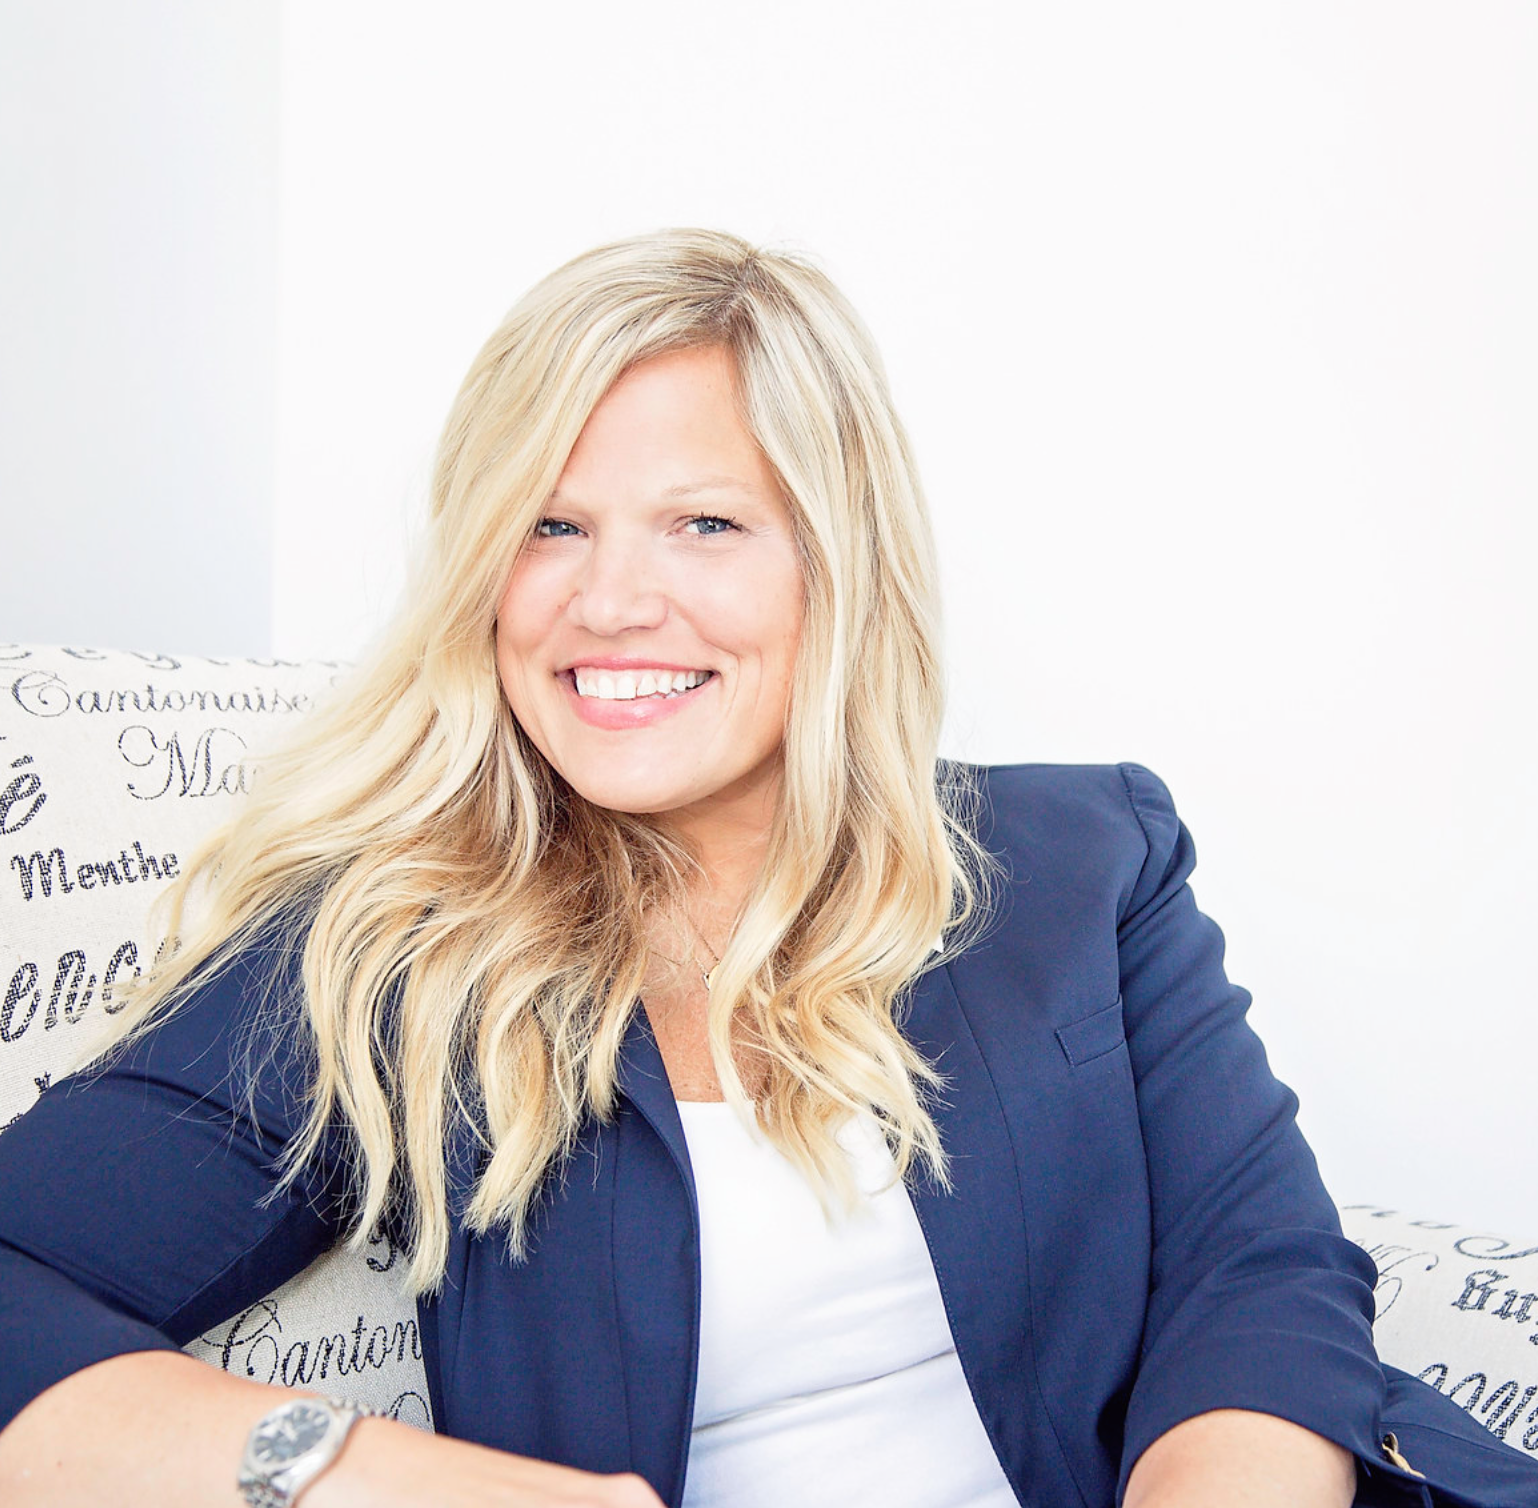 Meet the Affinity Team: Elizabeth Schumacher